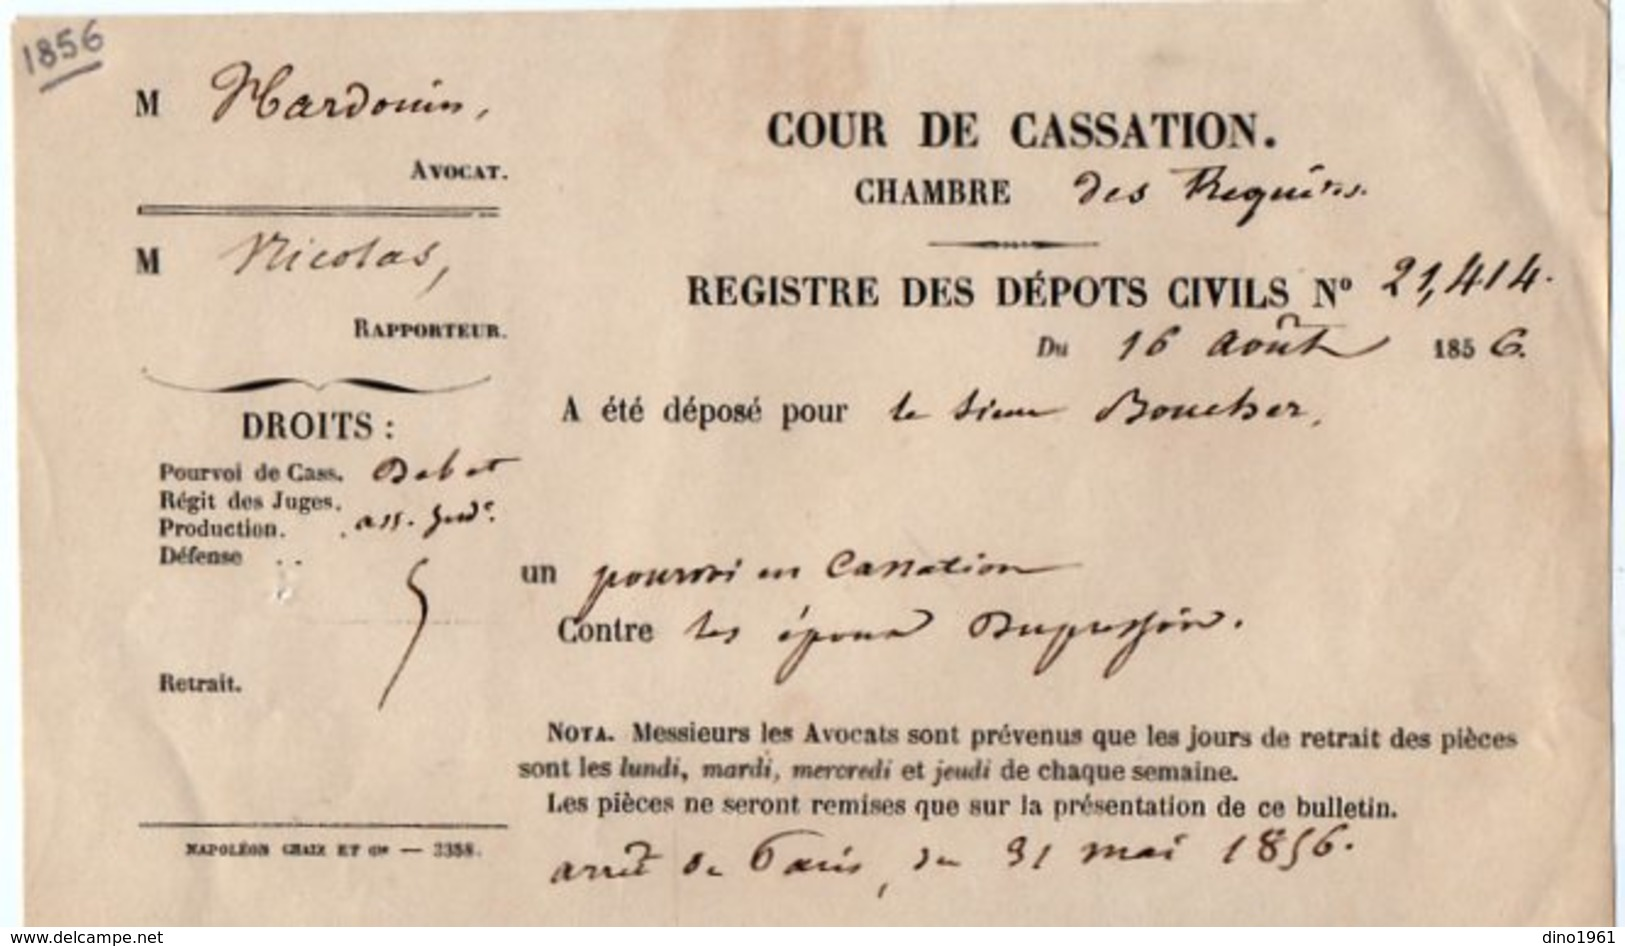 VP14.530 - PARIS 1856 - Cour De Cassation - Registre Des Dépots Civils - Old Paper